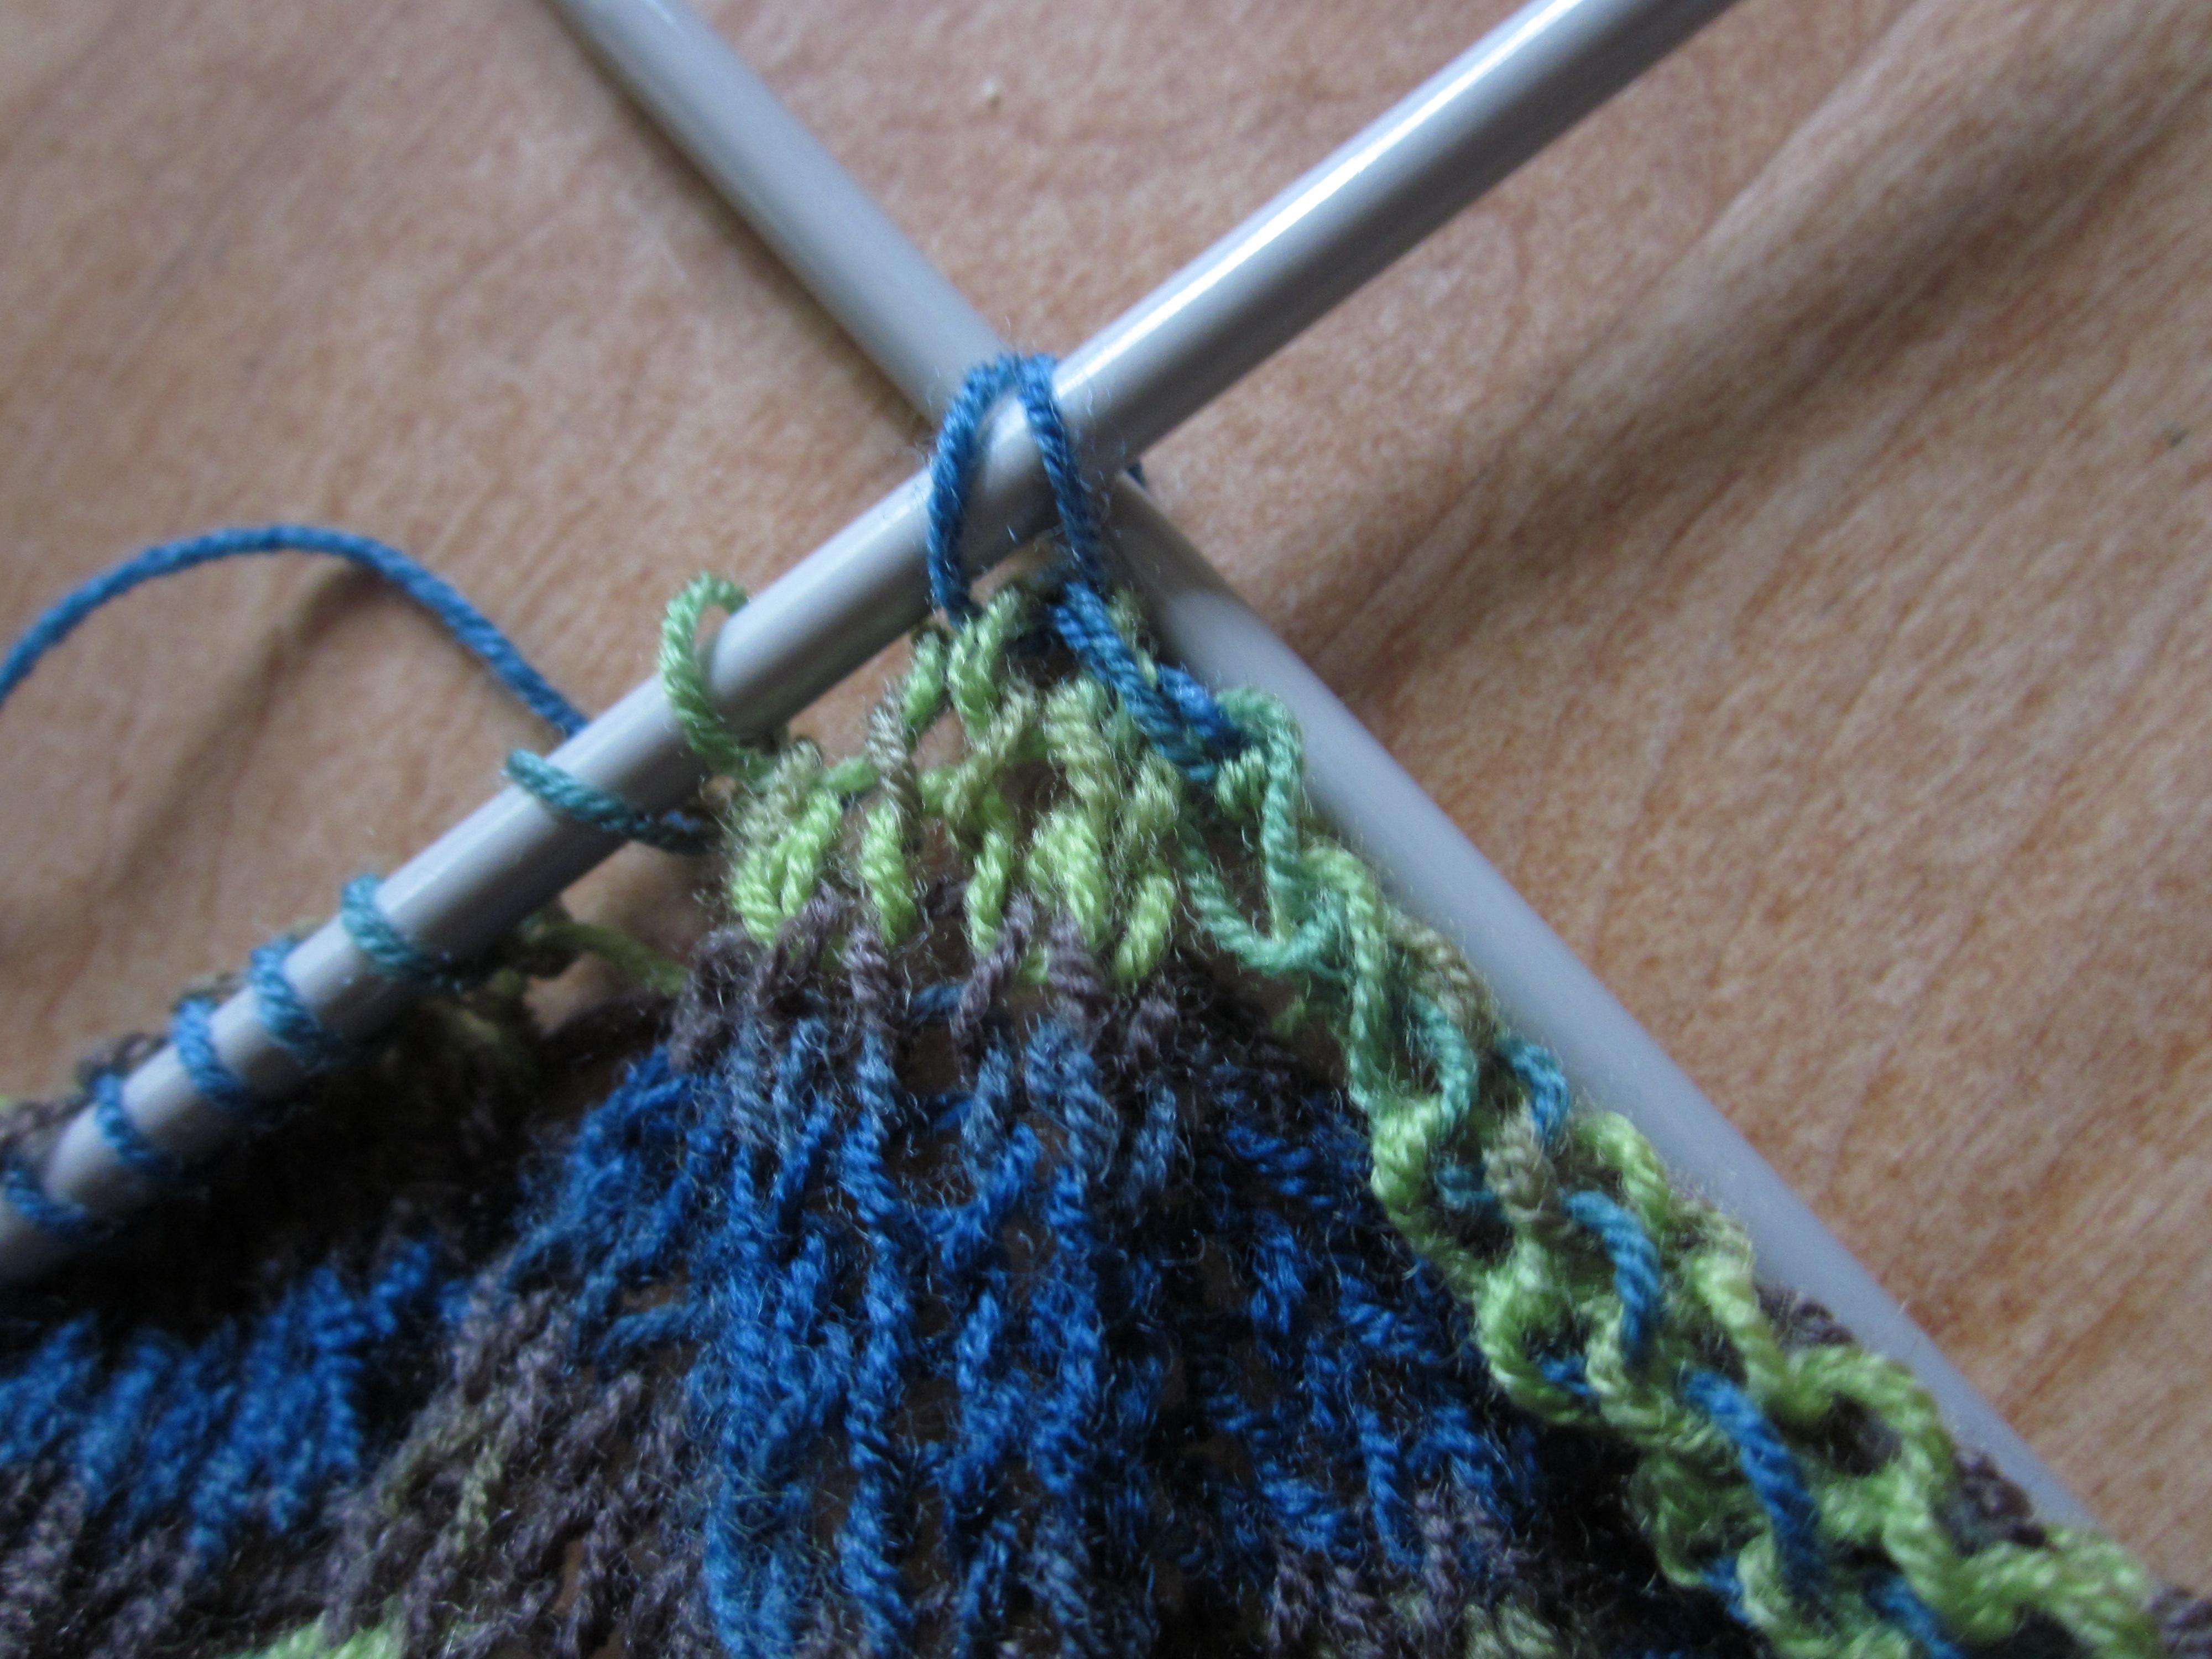 løs aflukning af strikketøj